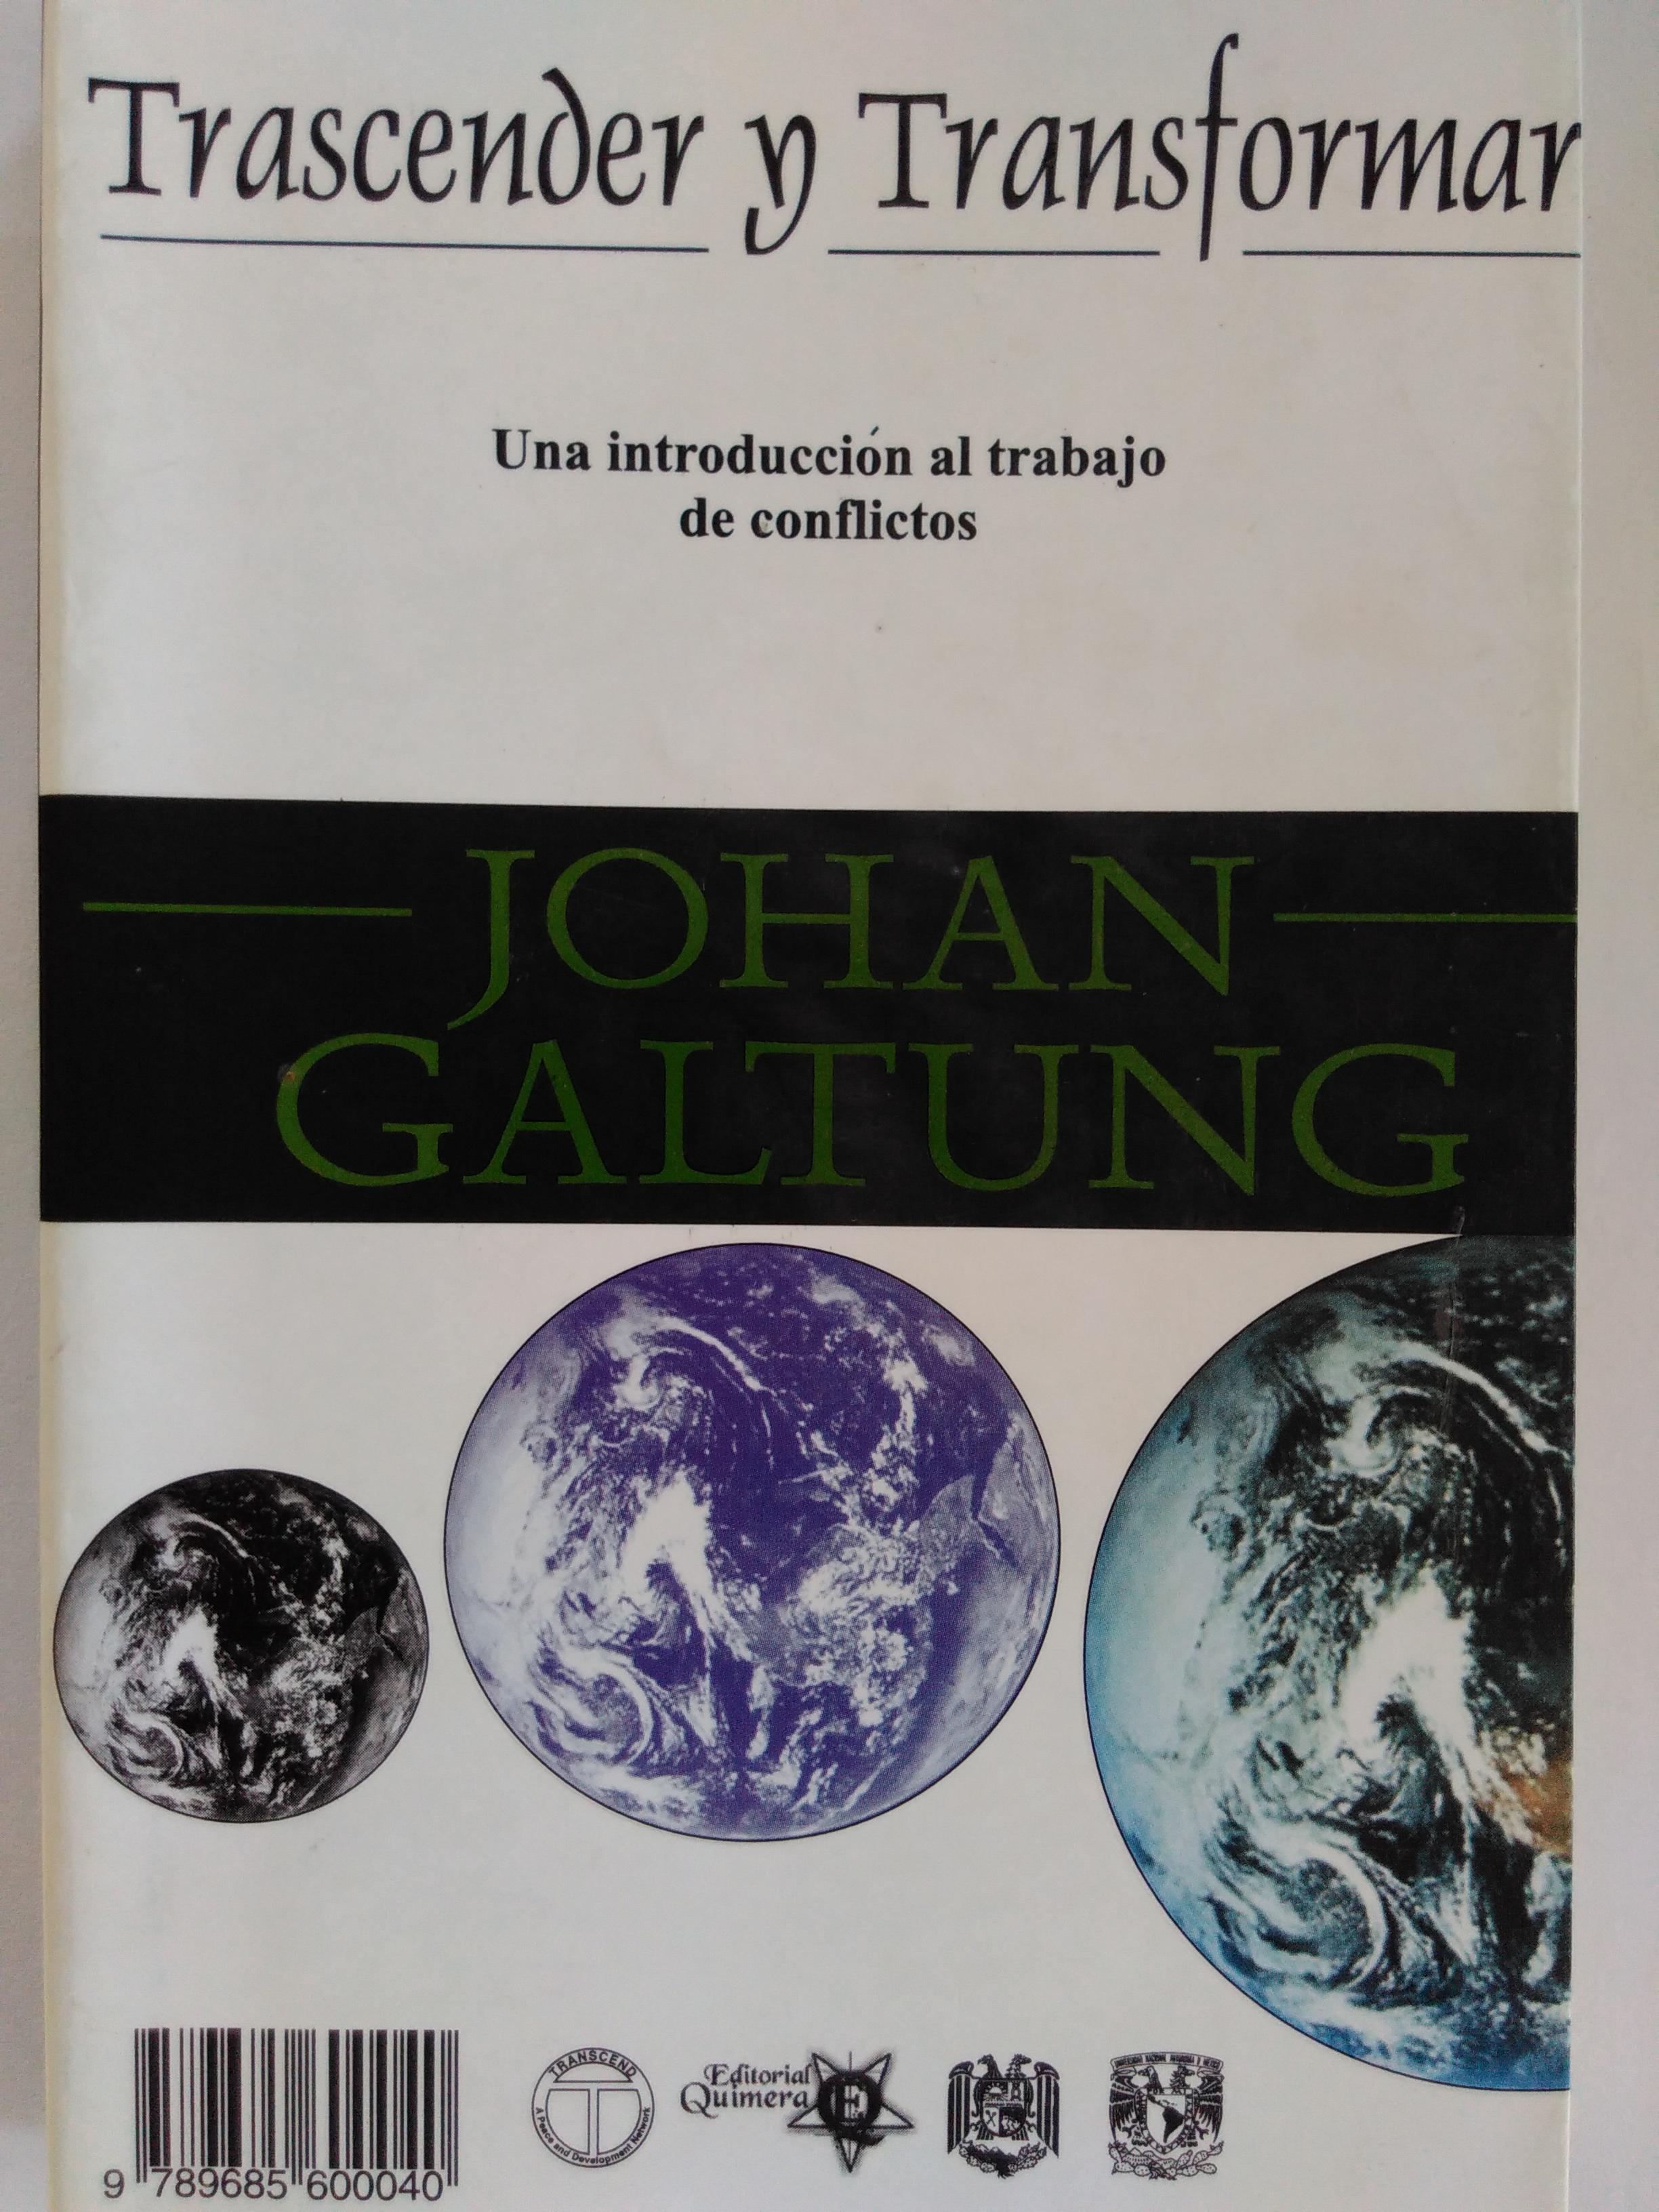 Trascender y transformar. Una introducción al trabajo de conflictos. Johan Galtung. 2004